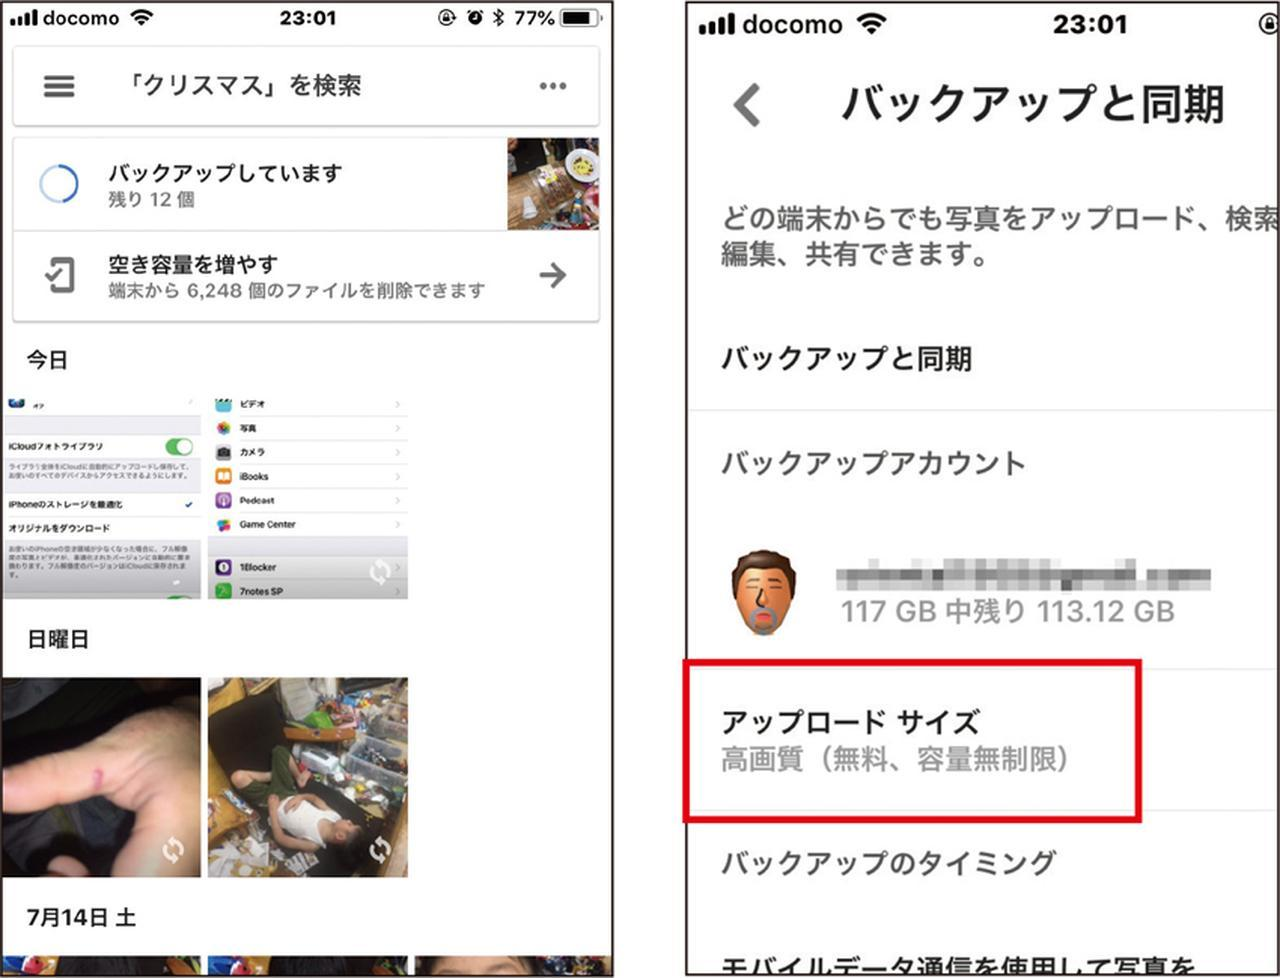 画像: Wi-Fi環境で、アプリを起動すれば転送が開始される(左)。設定画面を開き「アップロードサイズ」が容量無制限の「高画質」であることを確認しよう(右)。